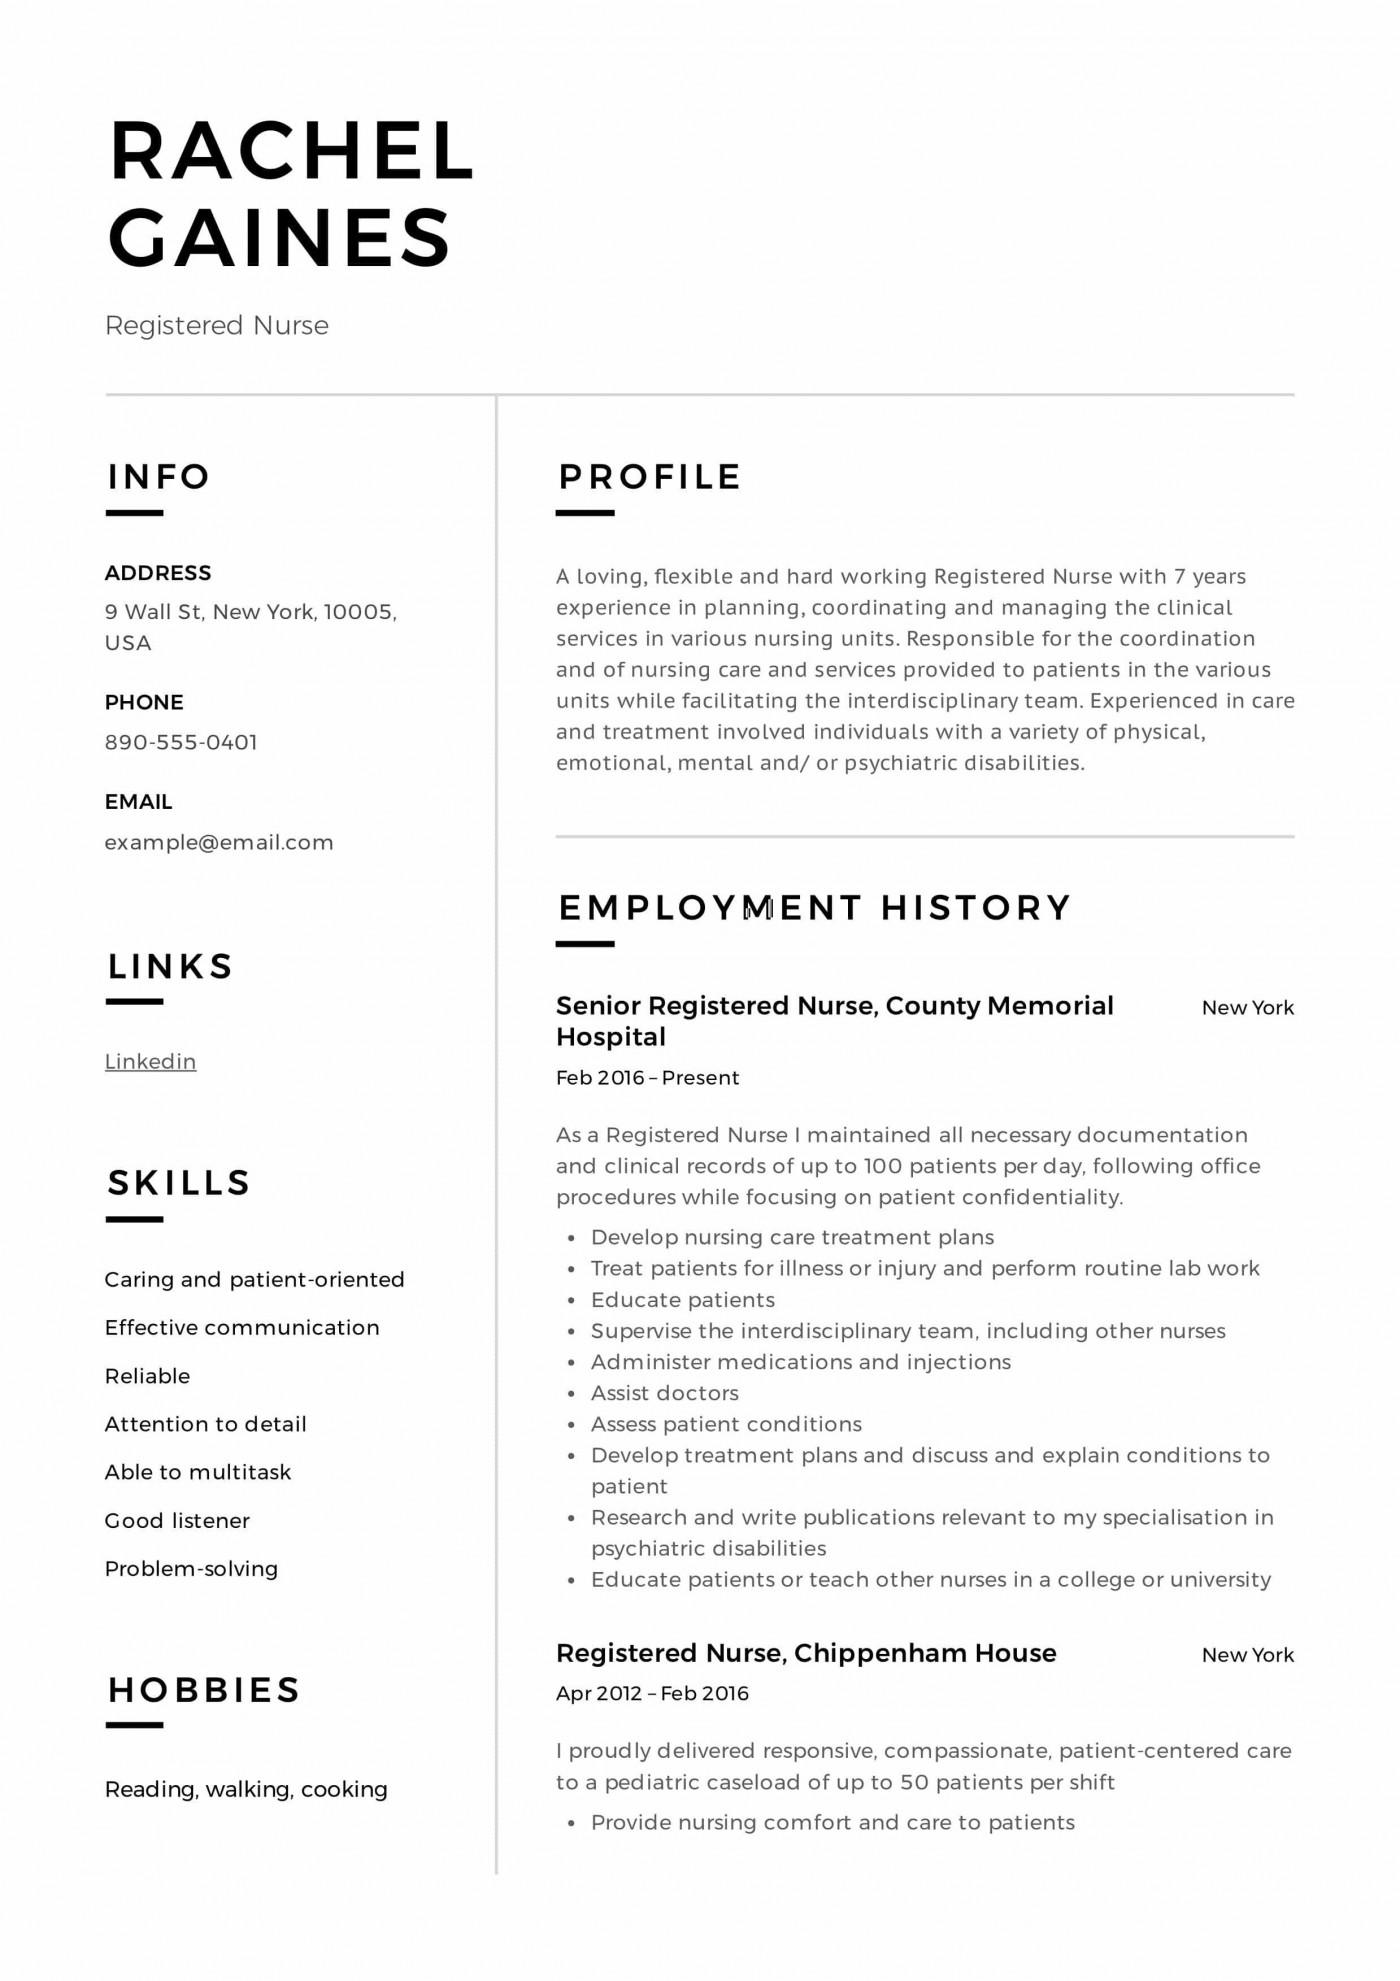 011 Astounding New Rn Resume Template Sample 1400